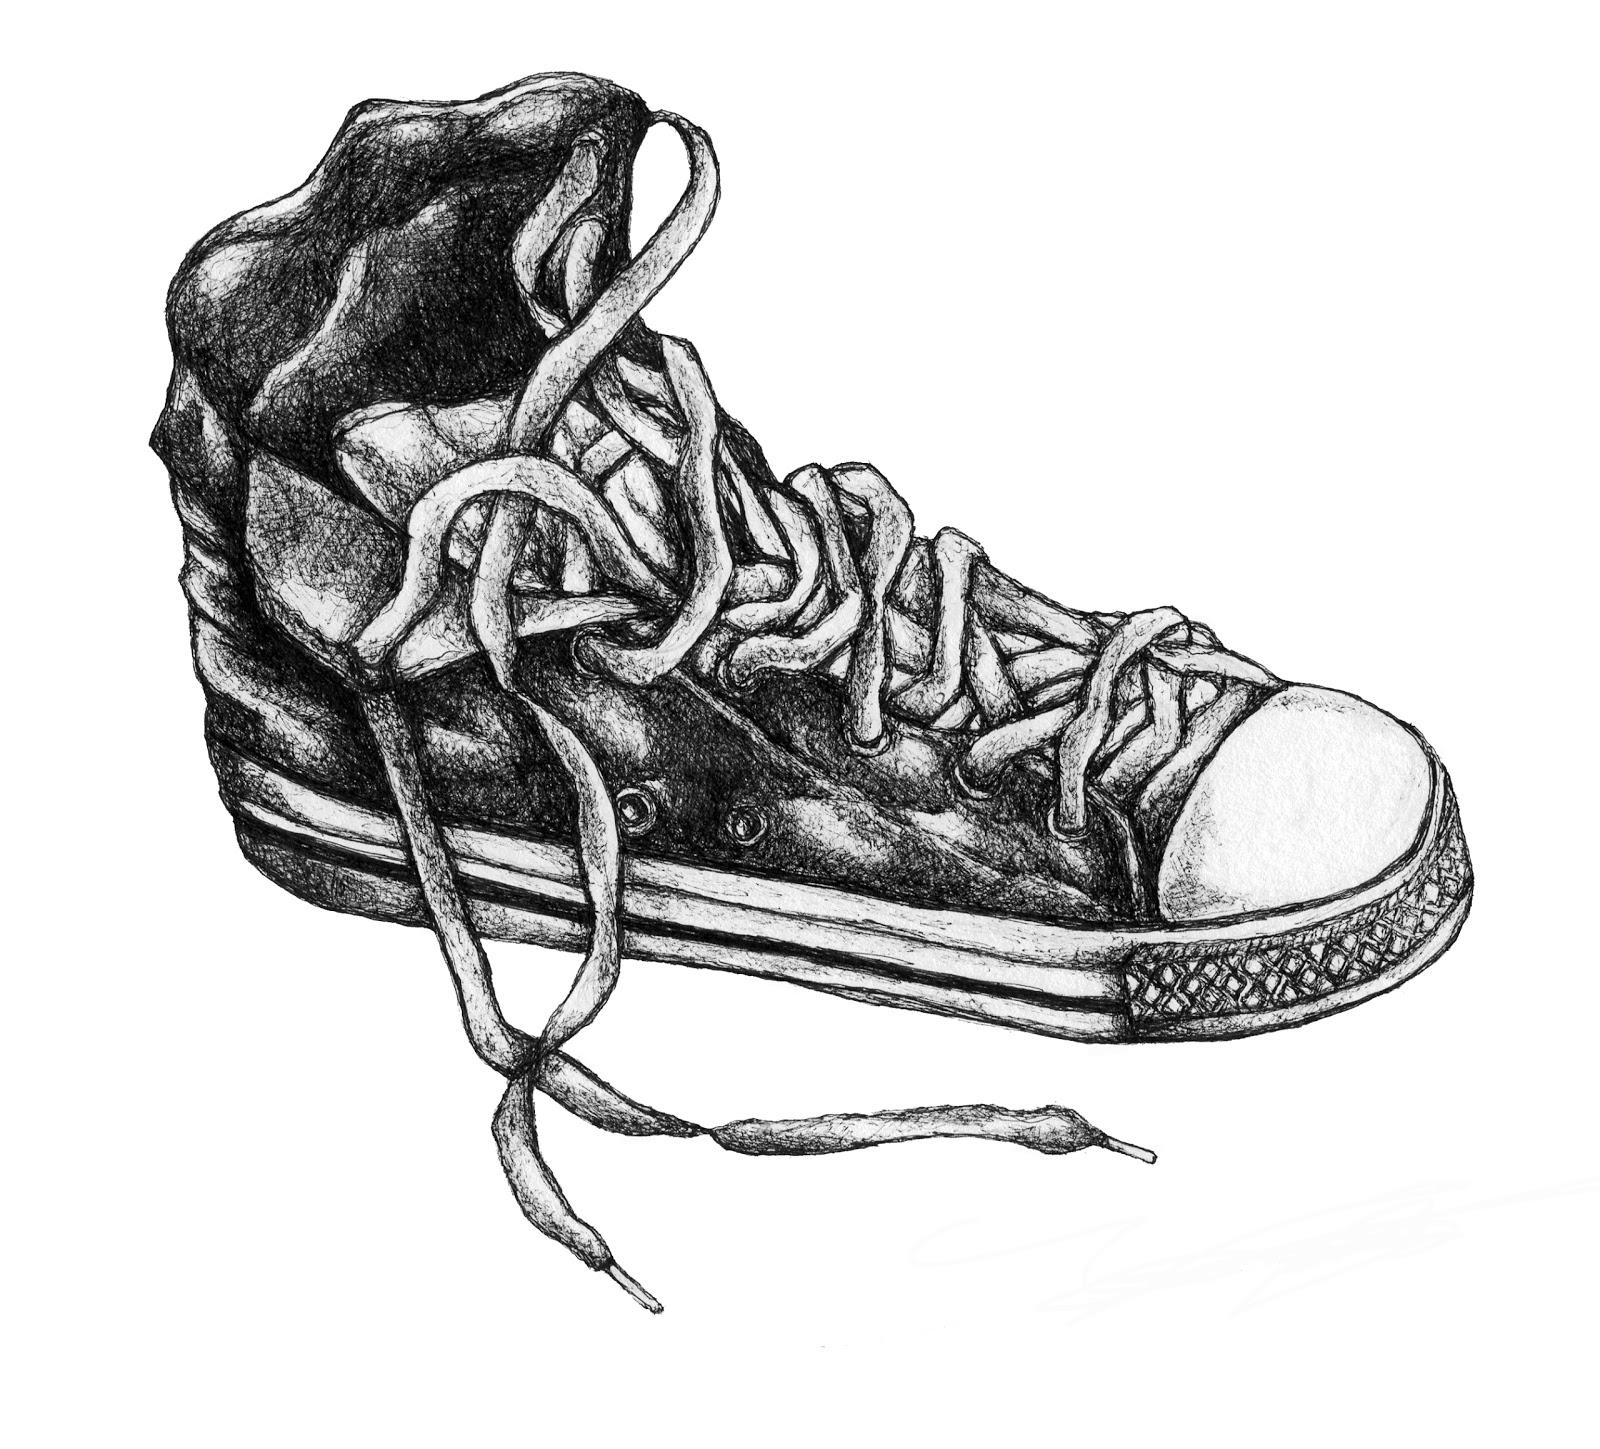 Drawn converse biro Found rediscovered and Saturday 2012